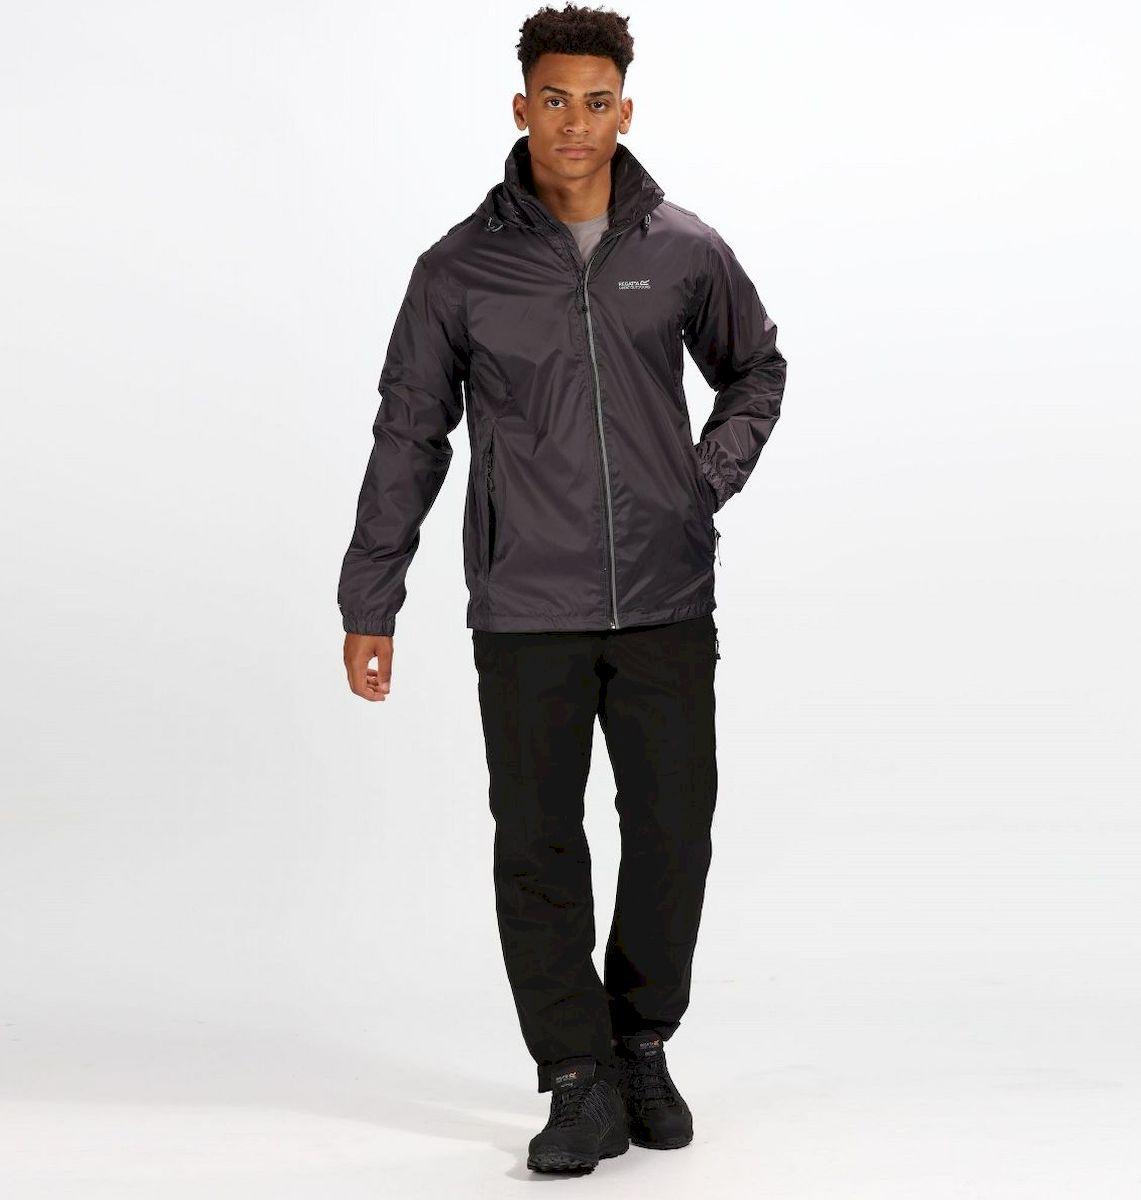 Куртка Regatta Lyle IV куртка мужская regatta lyle iv цвет синий rmw283 540 размер l 52 54